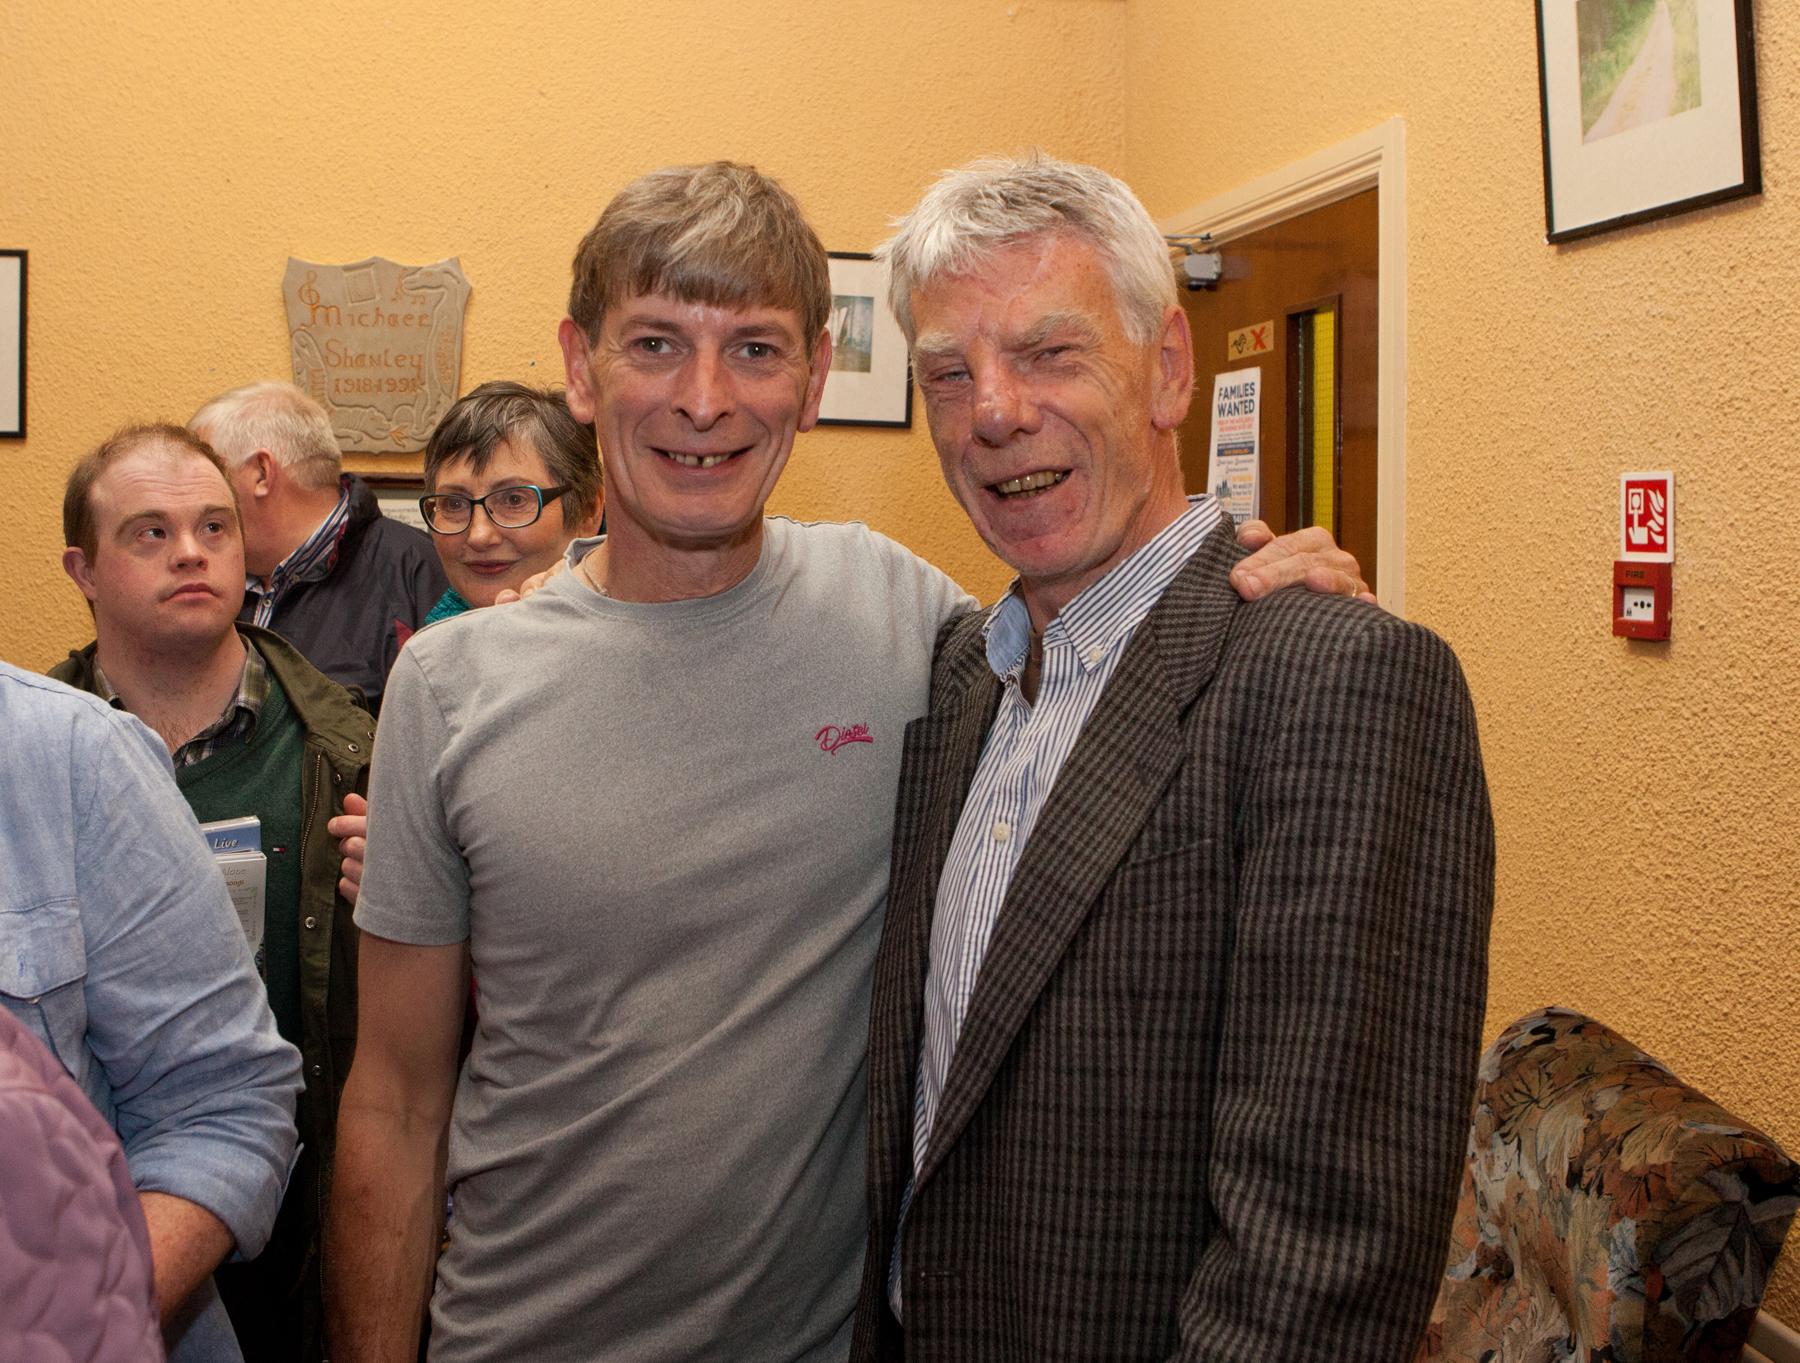 Seán Keane and Maurice Lennon